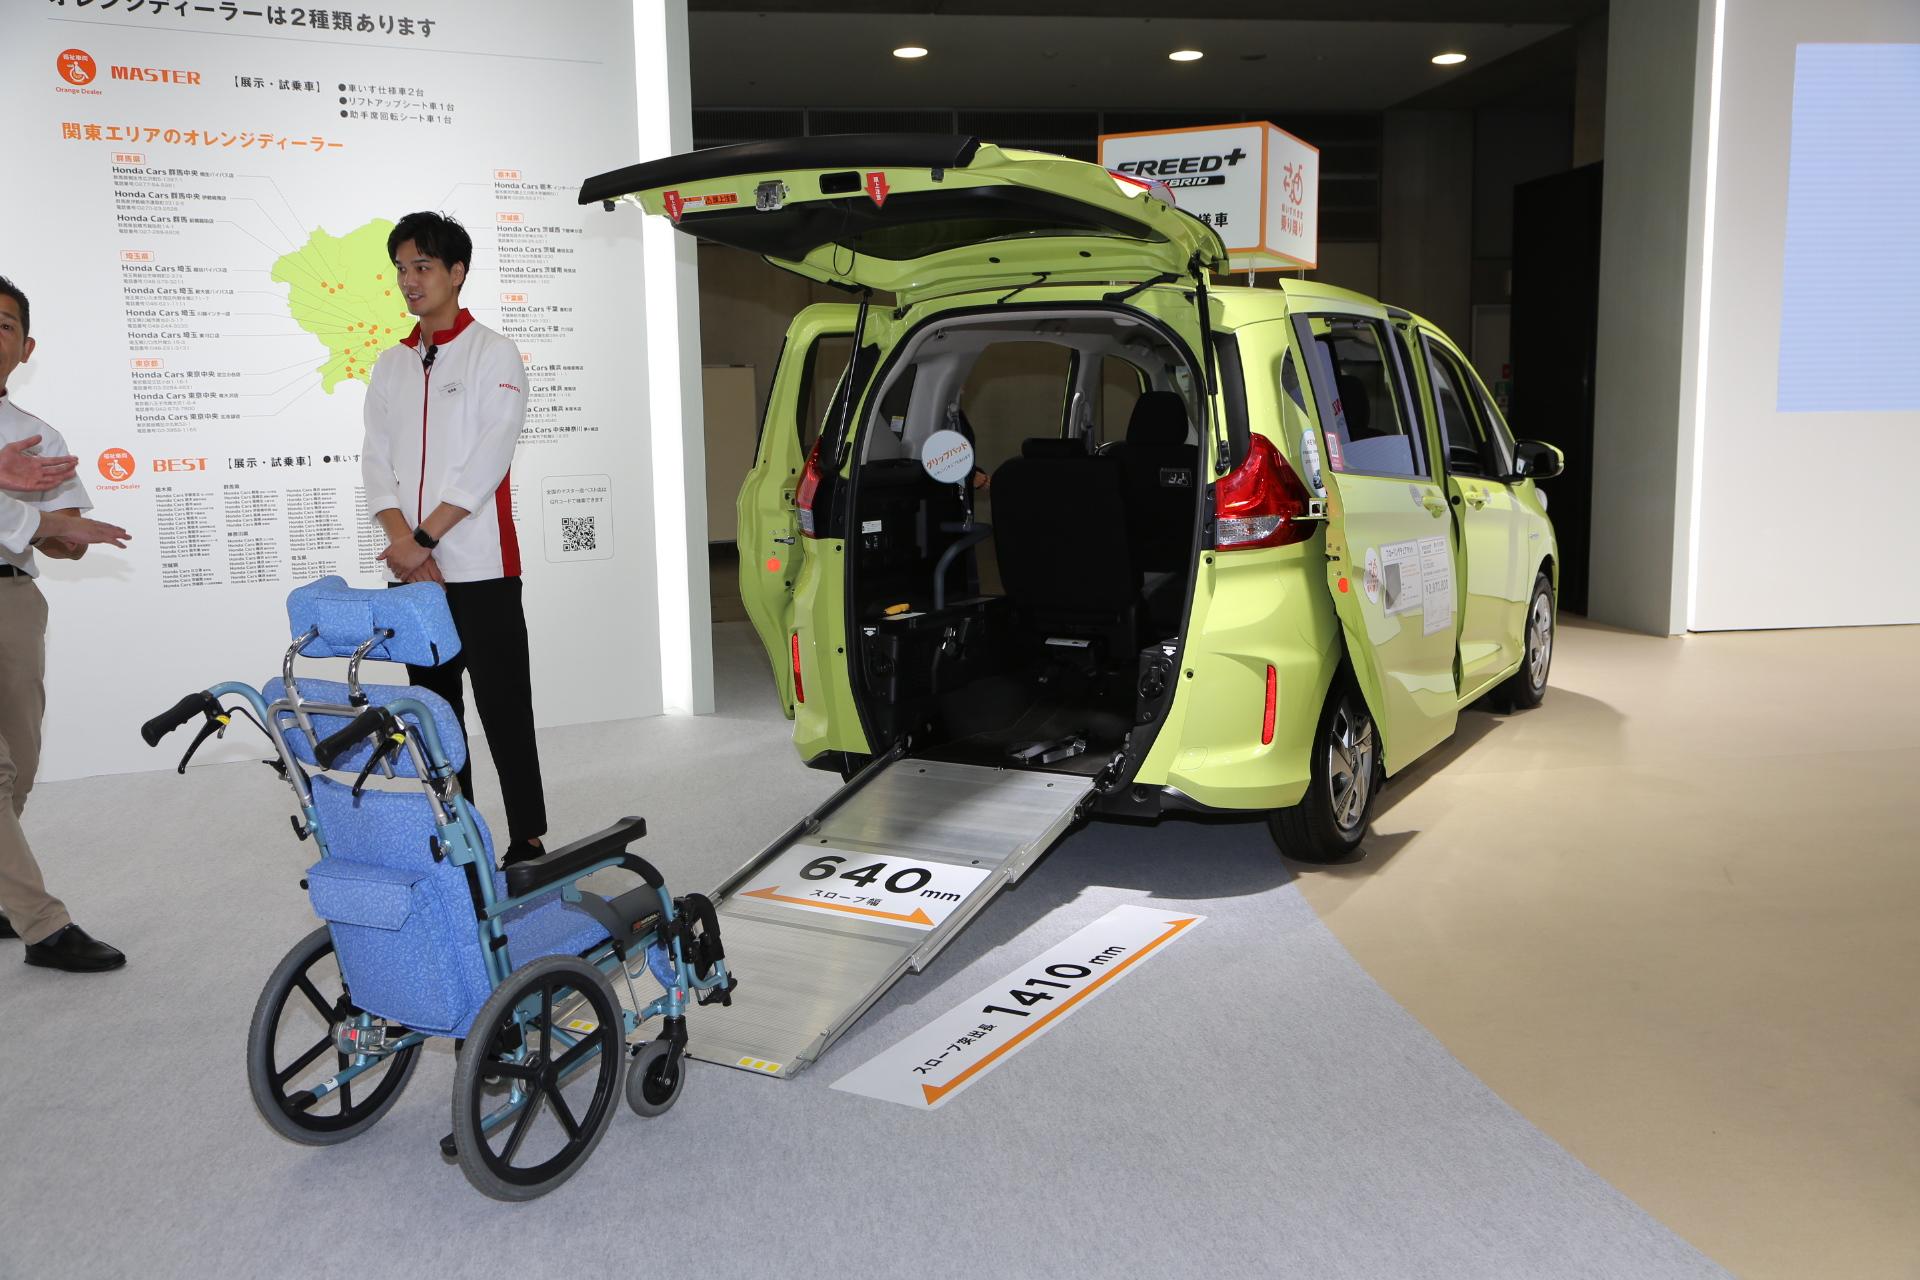 車種も機能も充実「よりどりみどり」状態! 日本の自動車メーカー8社の福祉車両最前線